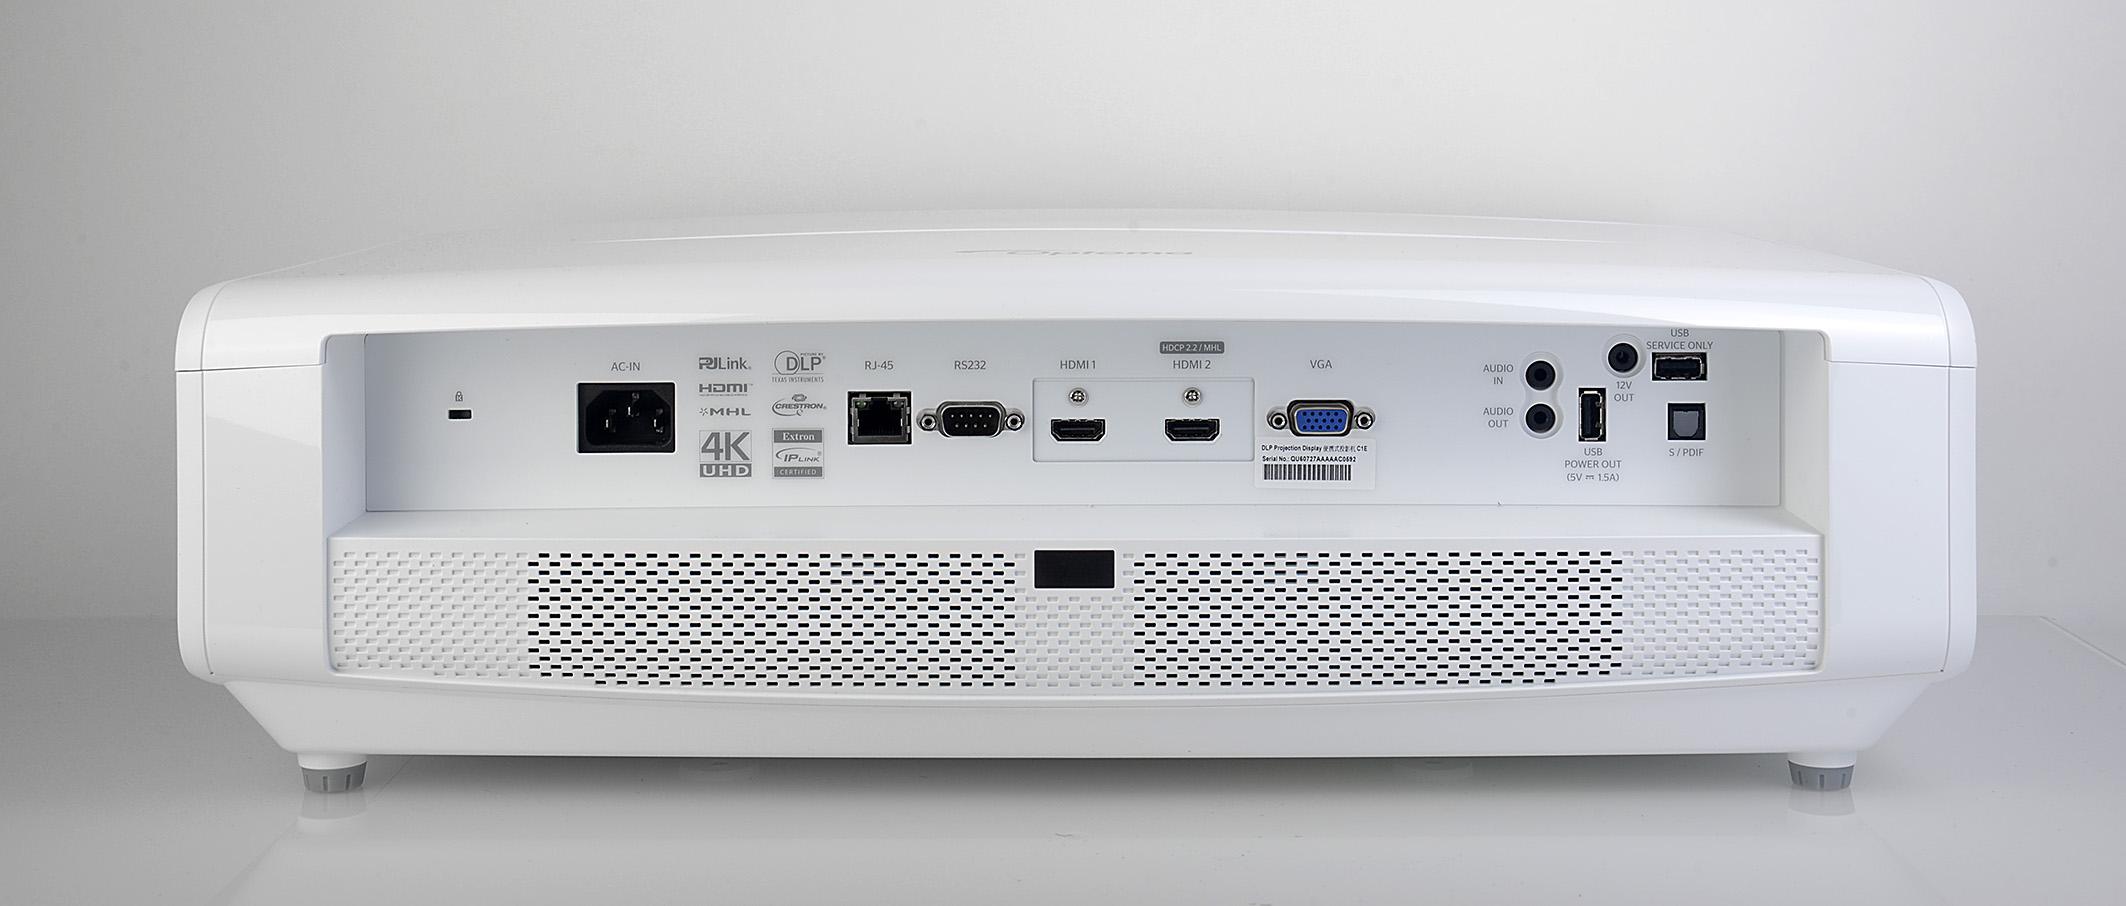 Foto: Michael B. Rehders Sämtliche Terminals sind in die Rückseite eingelassen, um verschiedene Zuspieler mit dem UHD550X zu verbinden. Zur Verfügung stehen zwei HDMI-Ports, wovon einer HDMI 2.0 und HDCP 2.2 unterstützt, und ein VGA-Eingang für den Anschluss eines PCs. Der USB-Port ist ausschließlich für Update/Service vorgesehen.